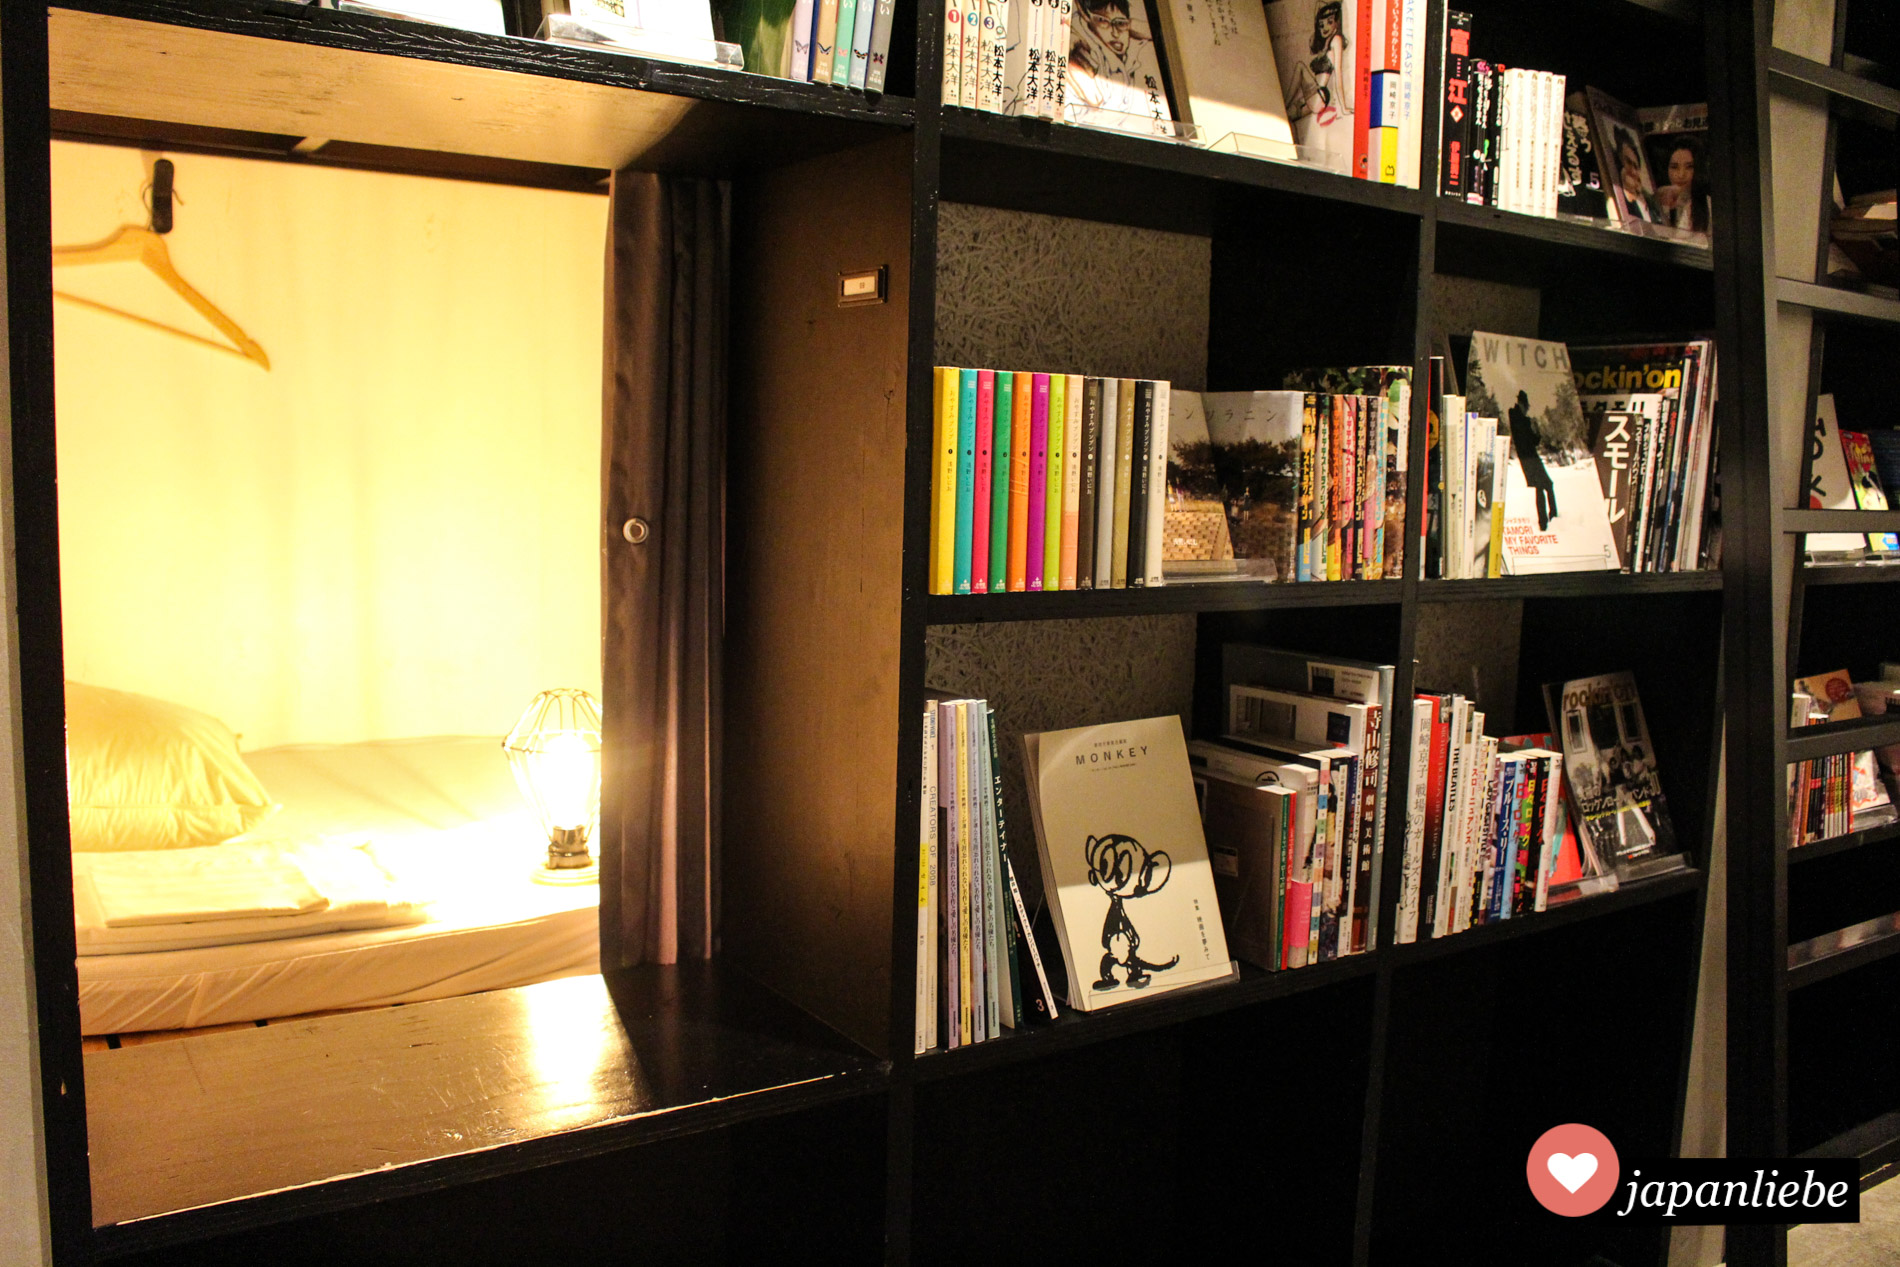 """Die Schlafkojen im """"Book & Bed Tokyo"""" befinden sich tatsächlich im Bücherregal selbst."""